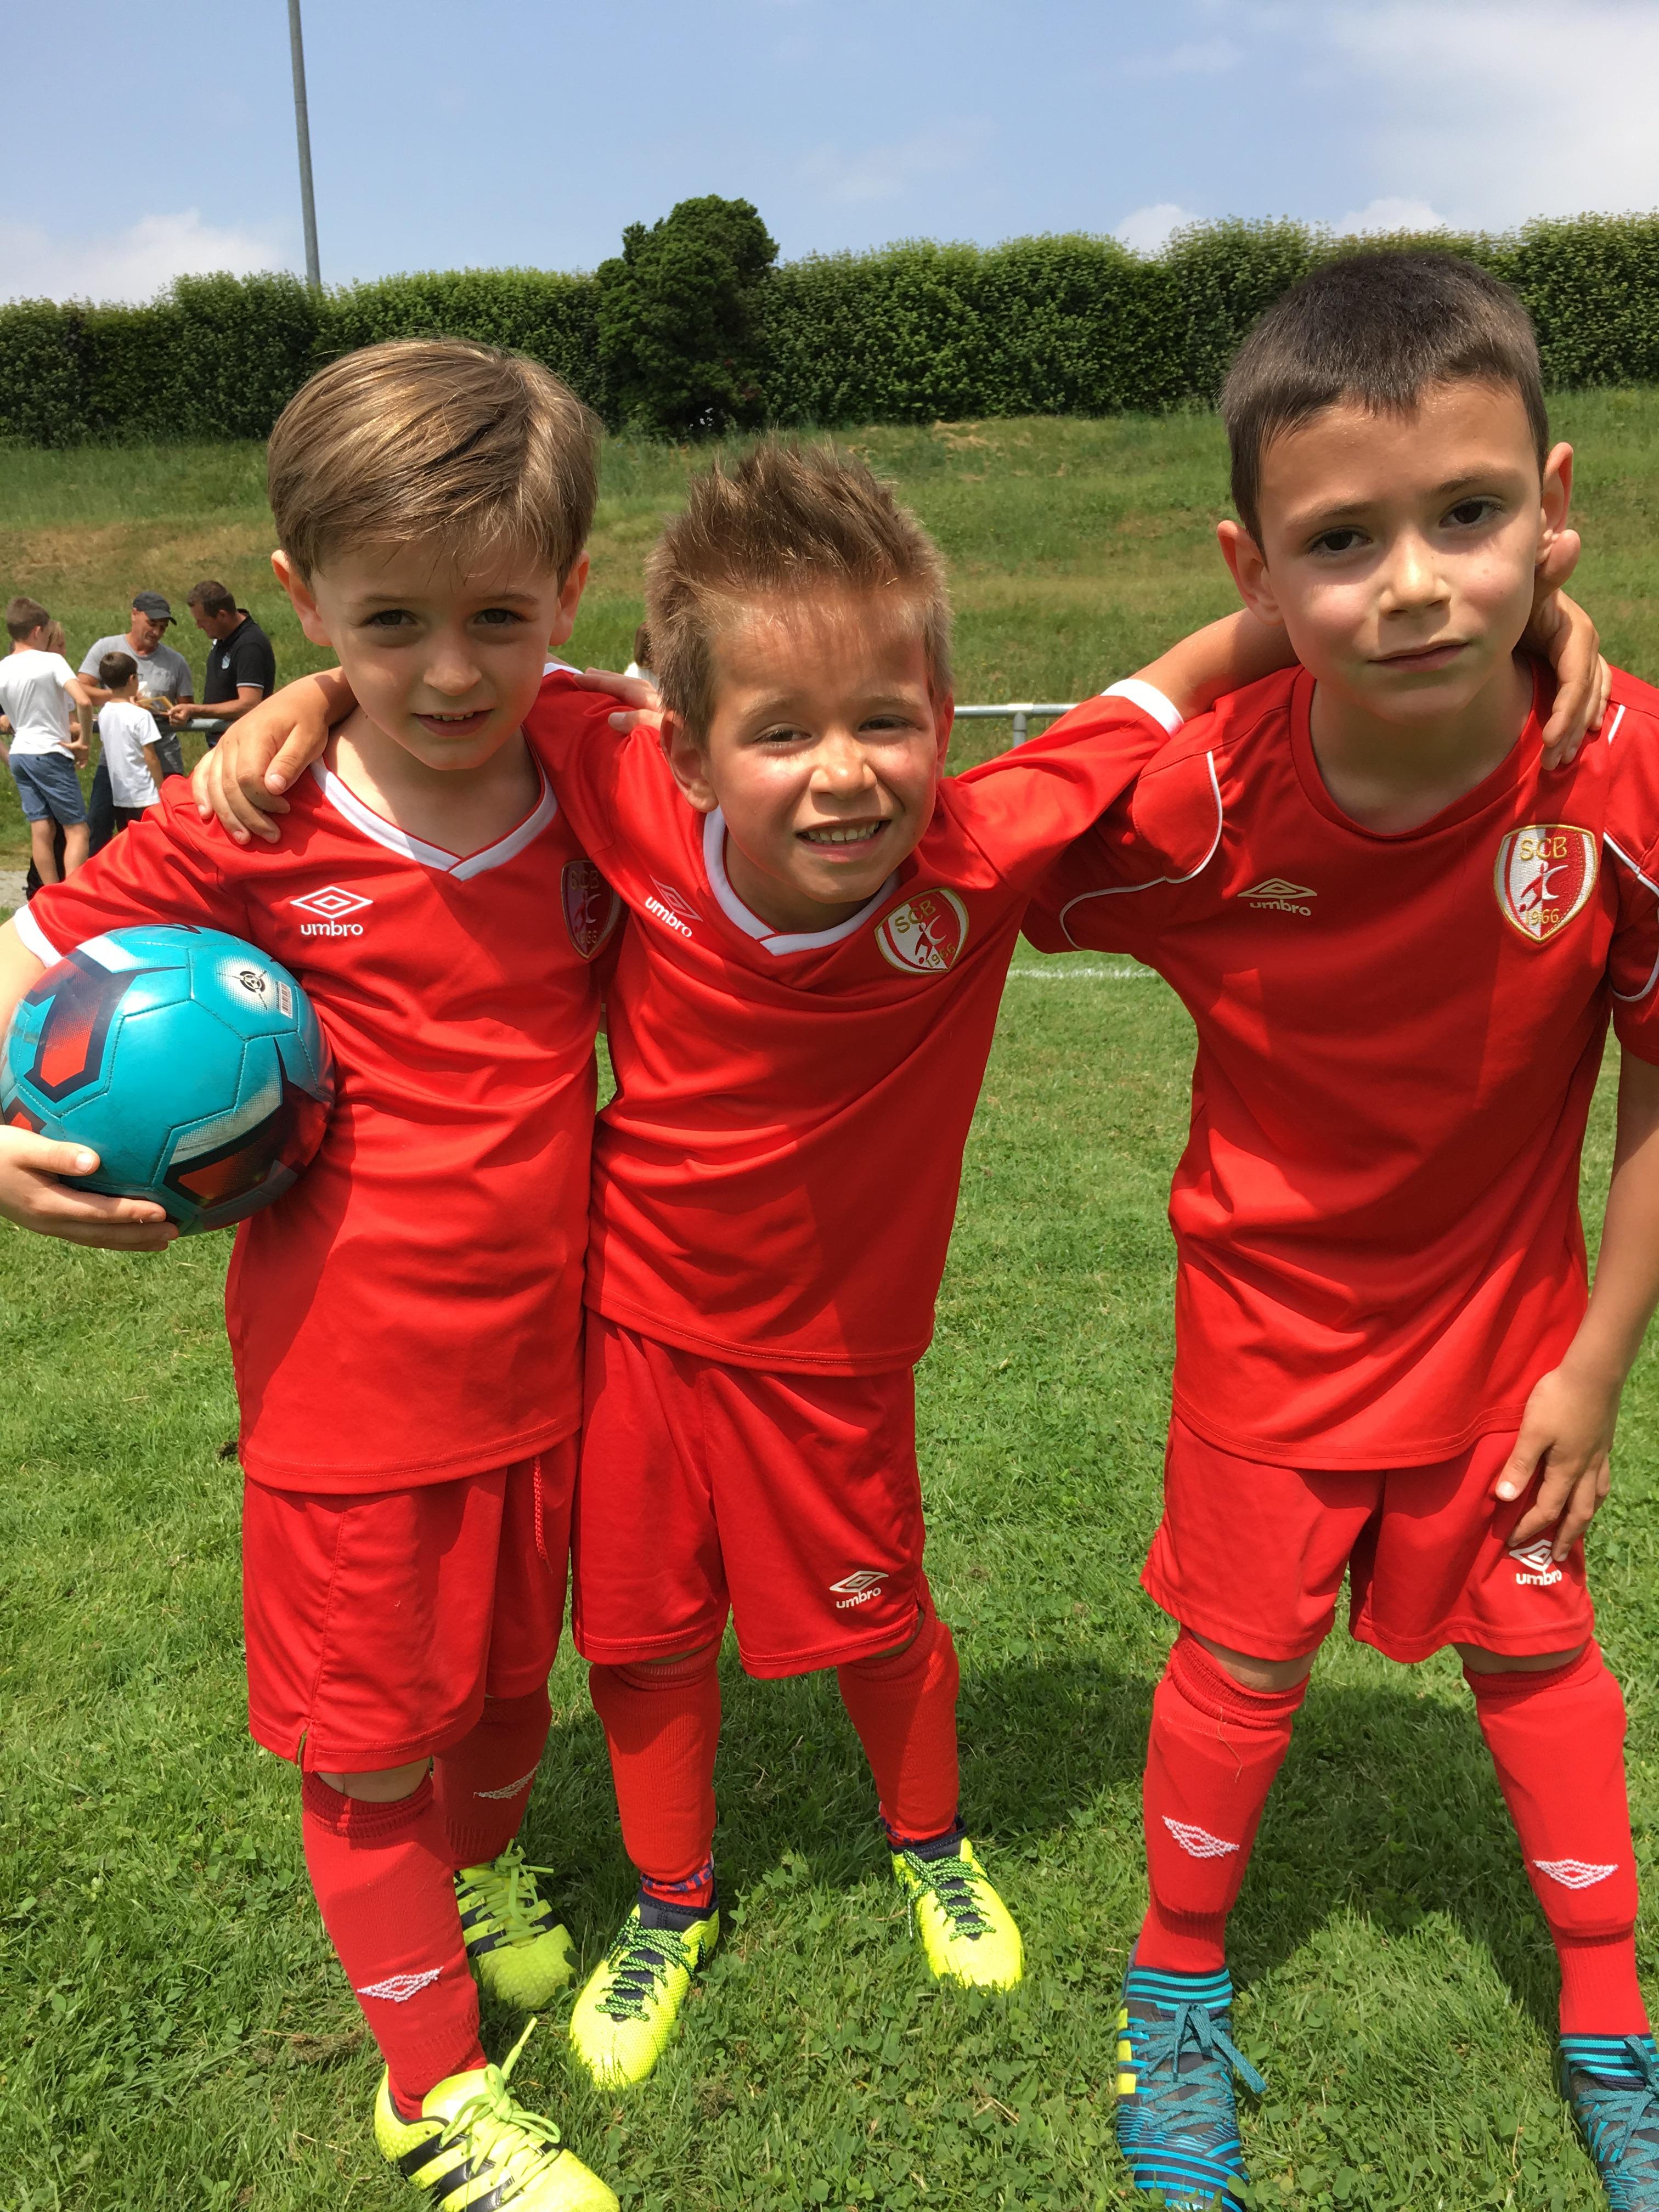 Pour maximiser le plaisir des enfants, les enfants composent eux-mêmes leur équipe : le PLAISIR avant tout.